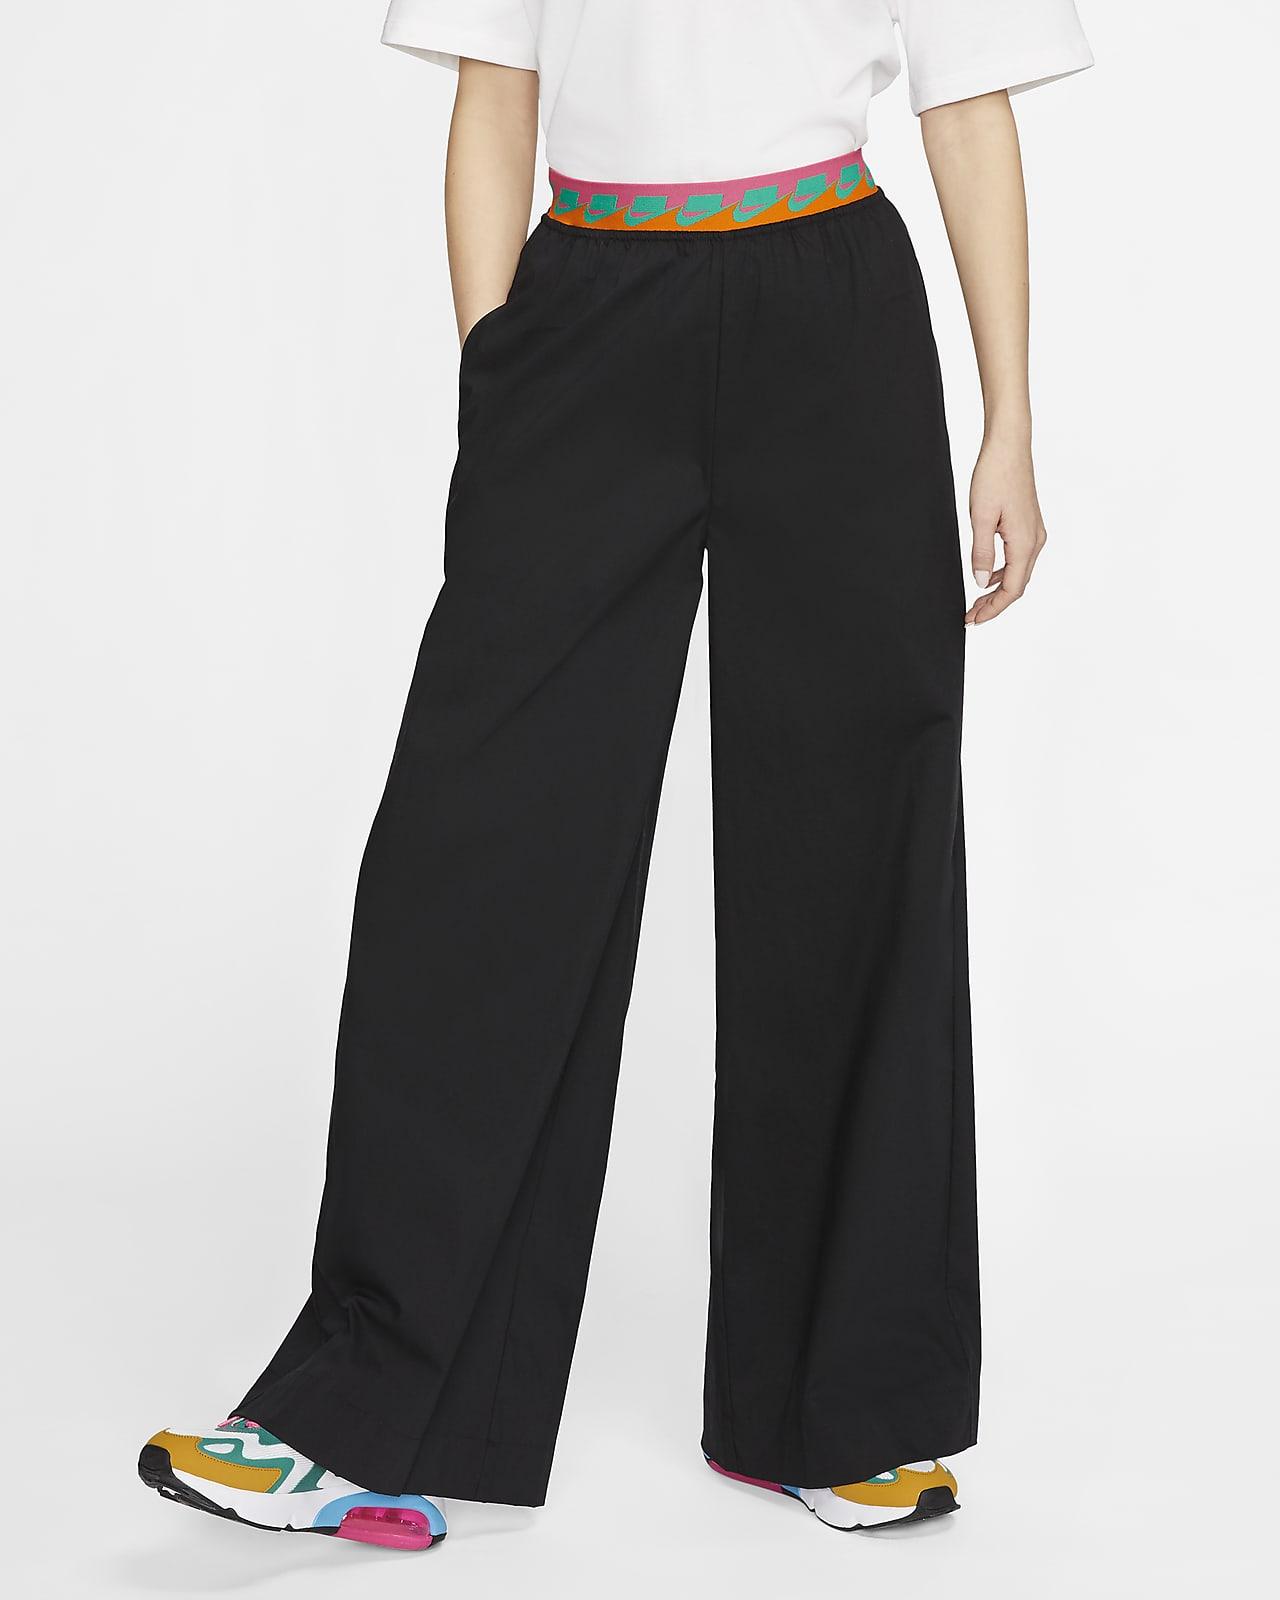 Nike Sportswear NSW Women's Woven Pants